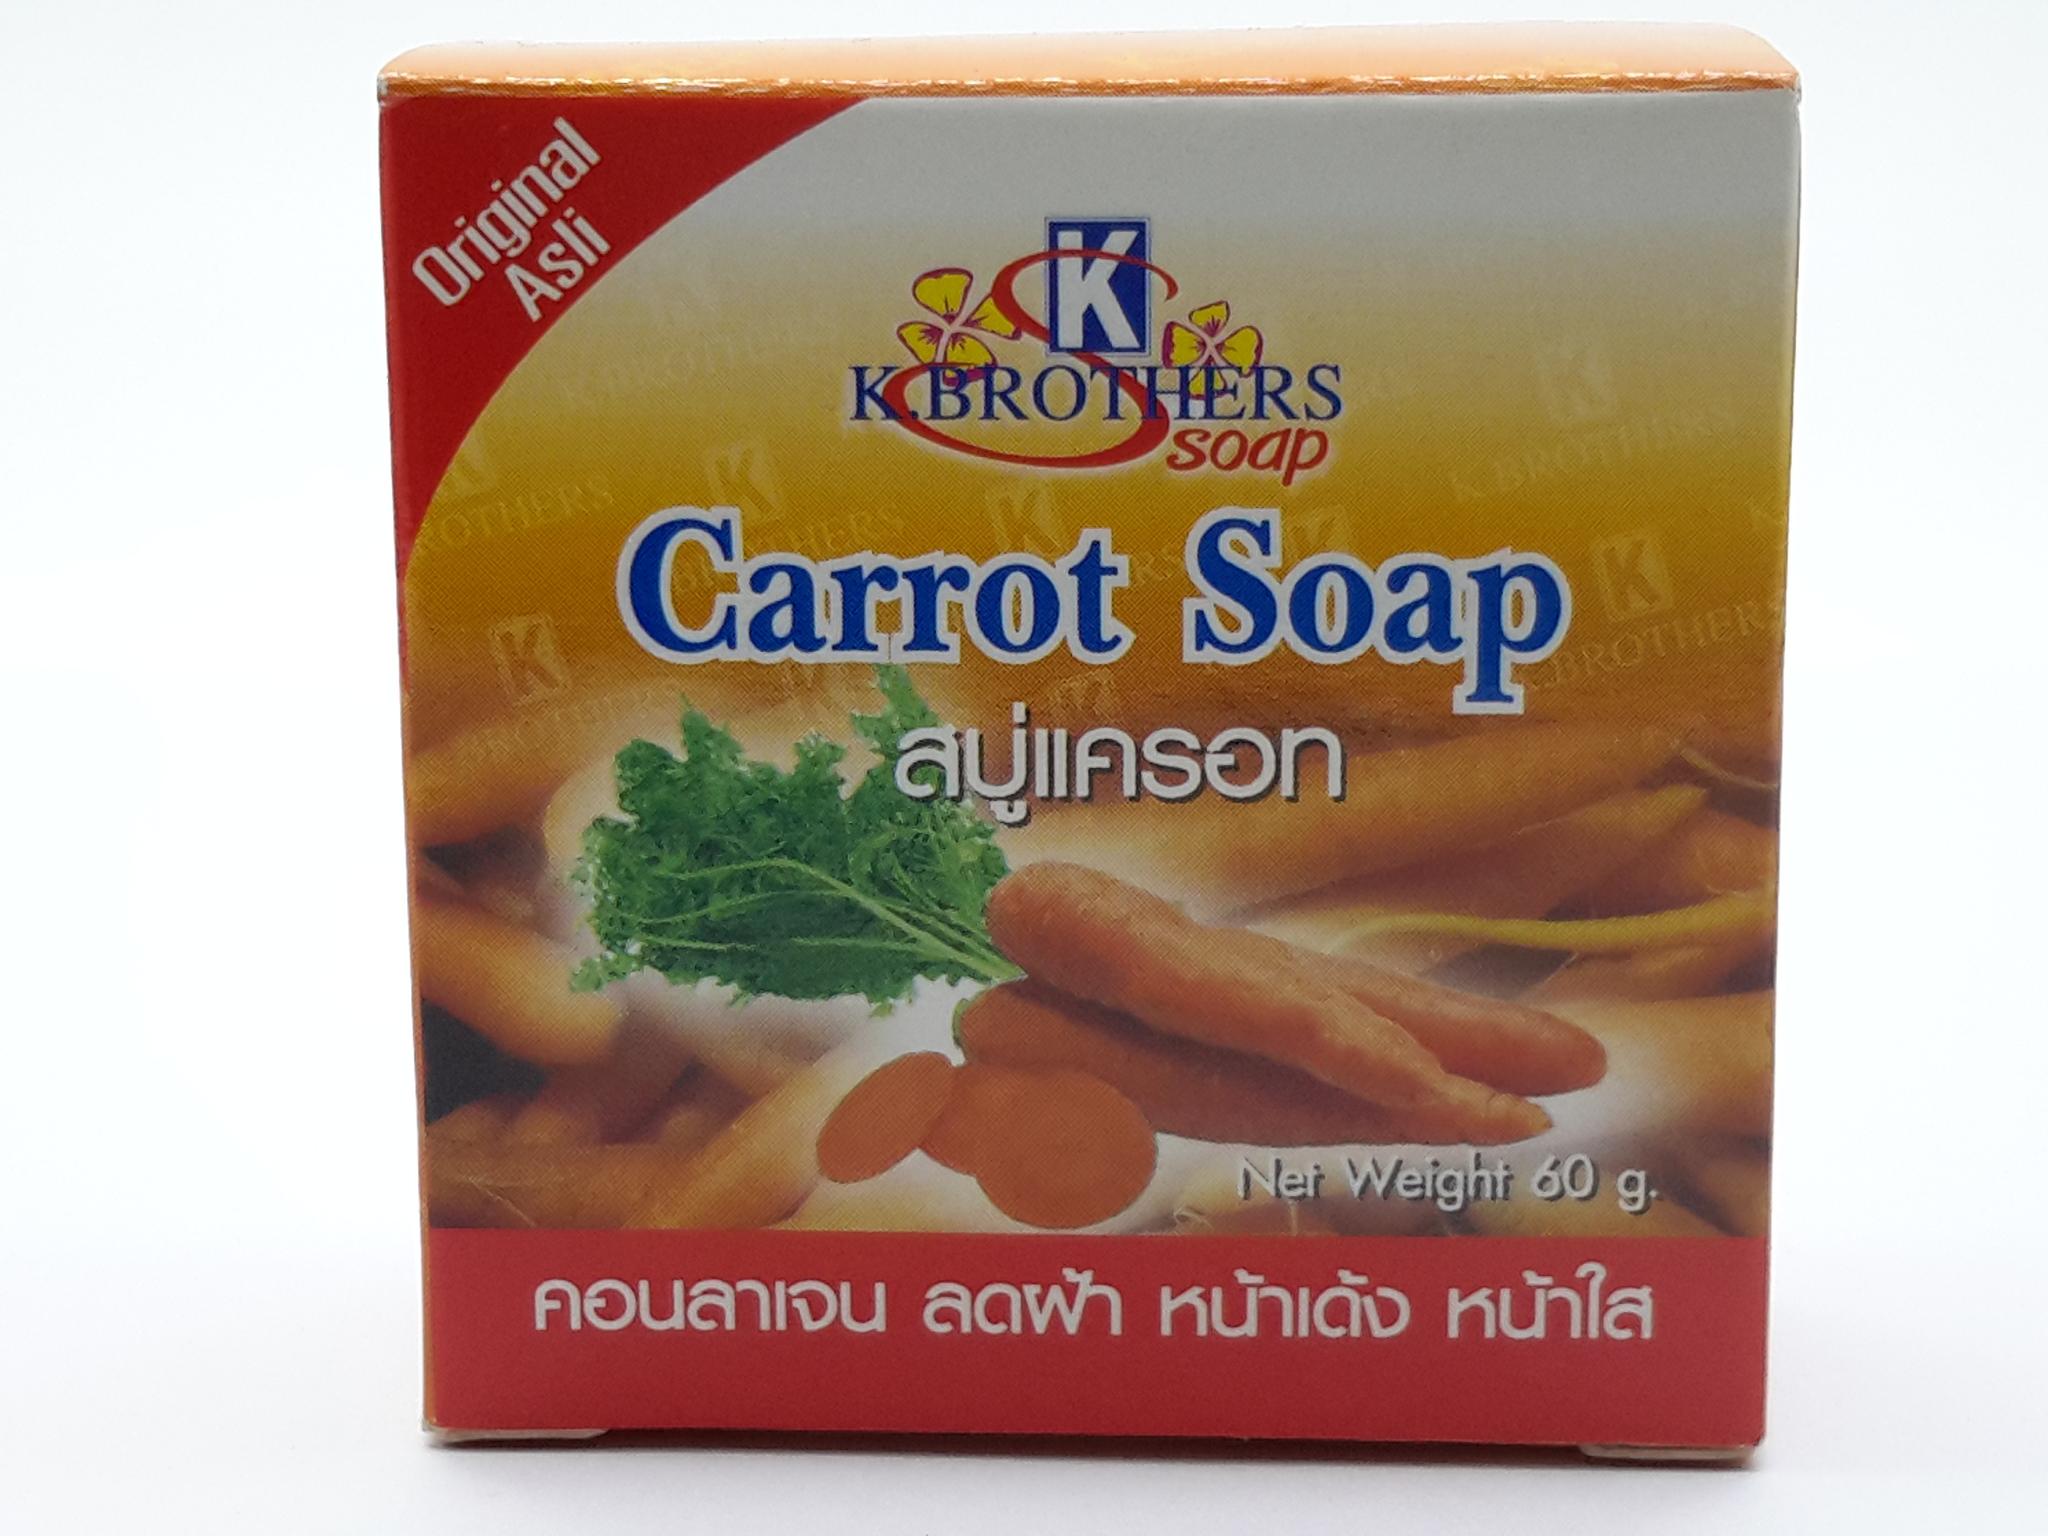 สบู่แครอท (Carrot Soap) น้ำหนักสุทธิ 60 กรัม